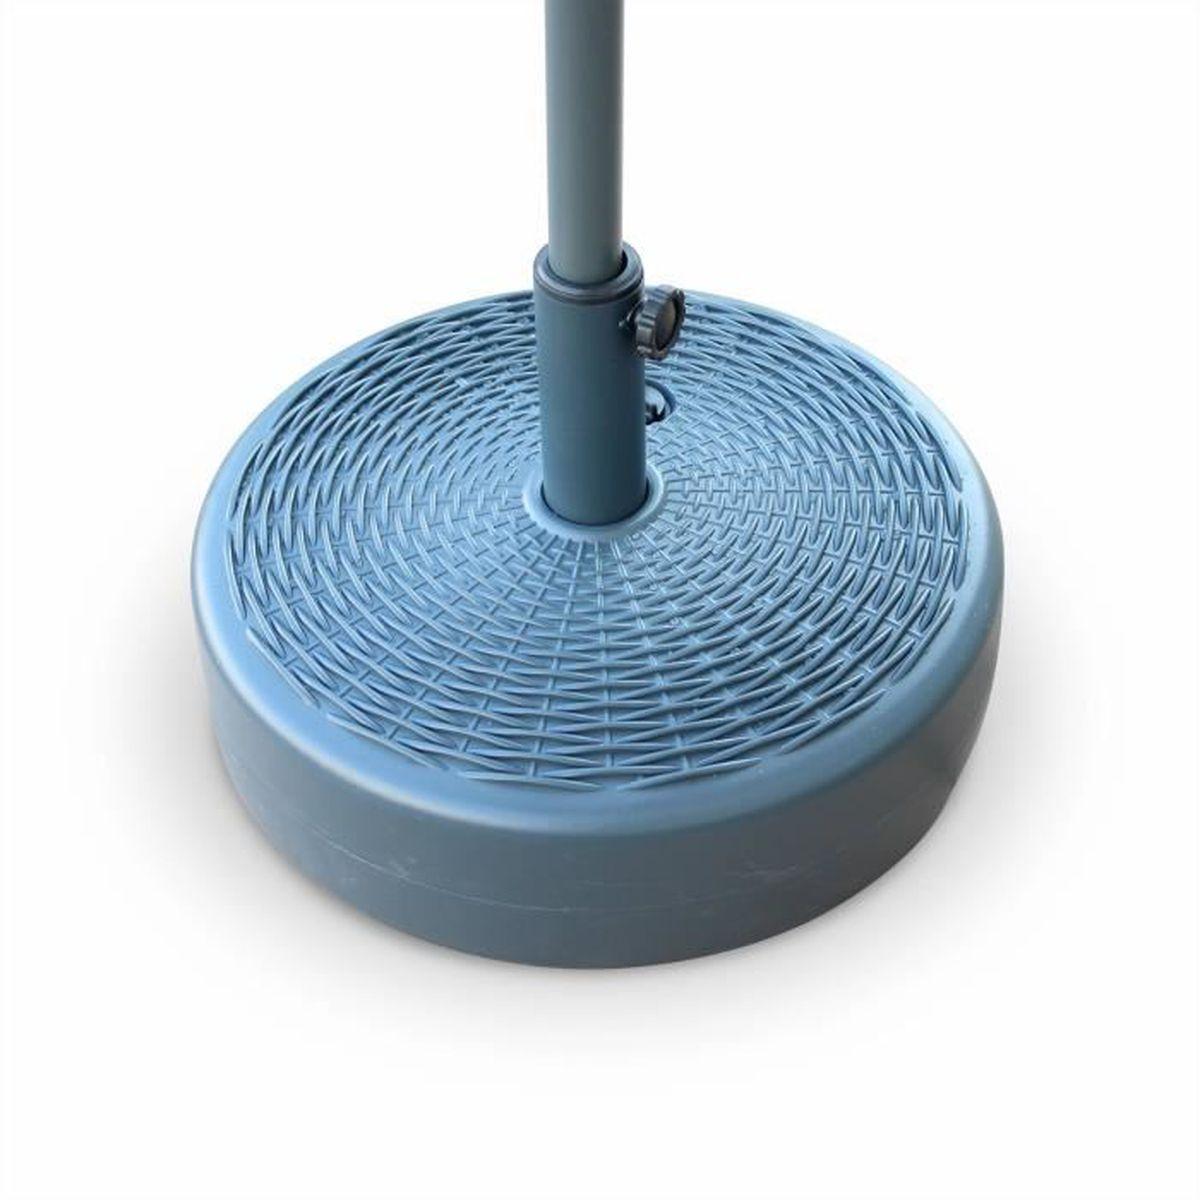 pied de parasol pedibus rond en plastique base remplissable pour parasol m t central aspect. Black Bedroom Furniture Sets. Home Design Ideas